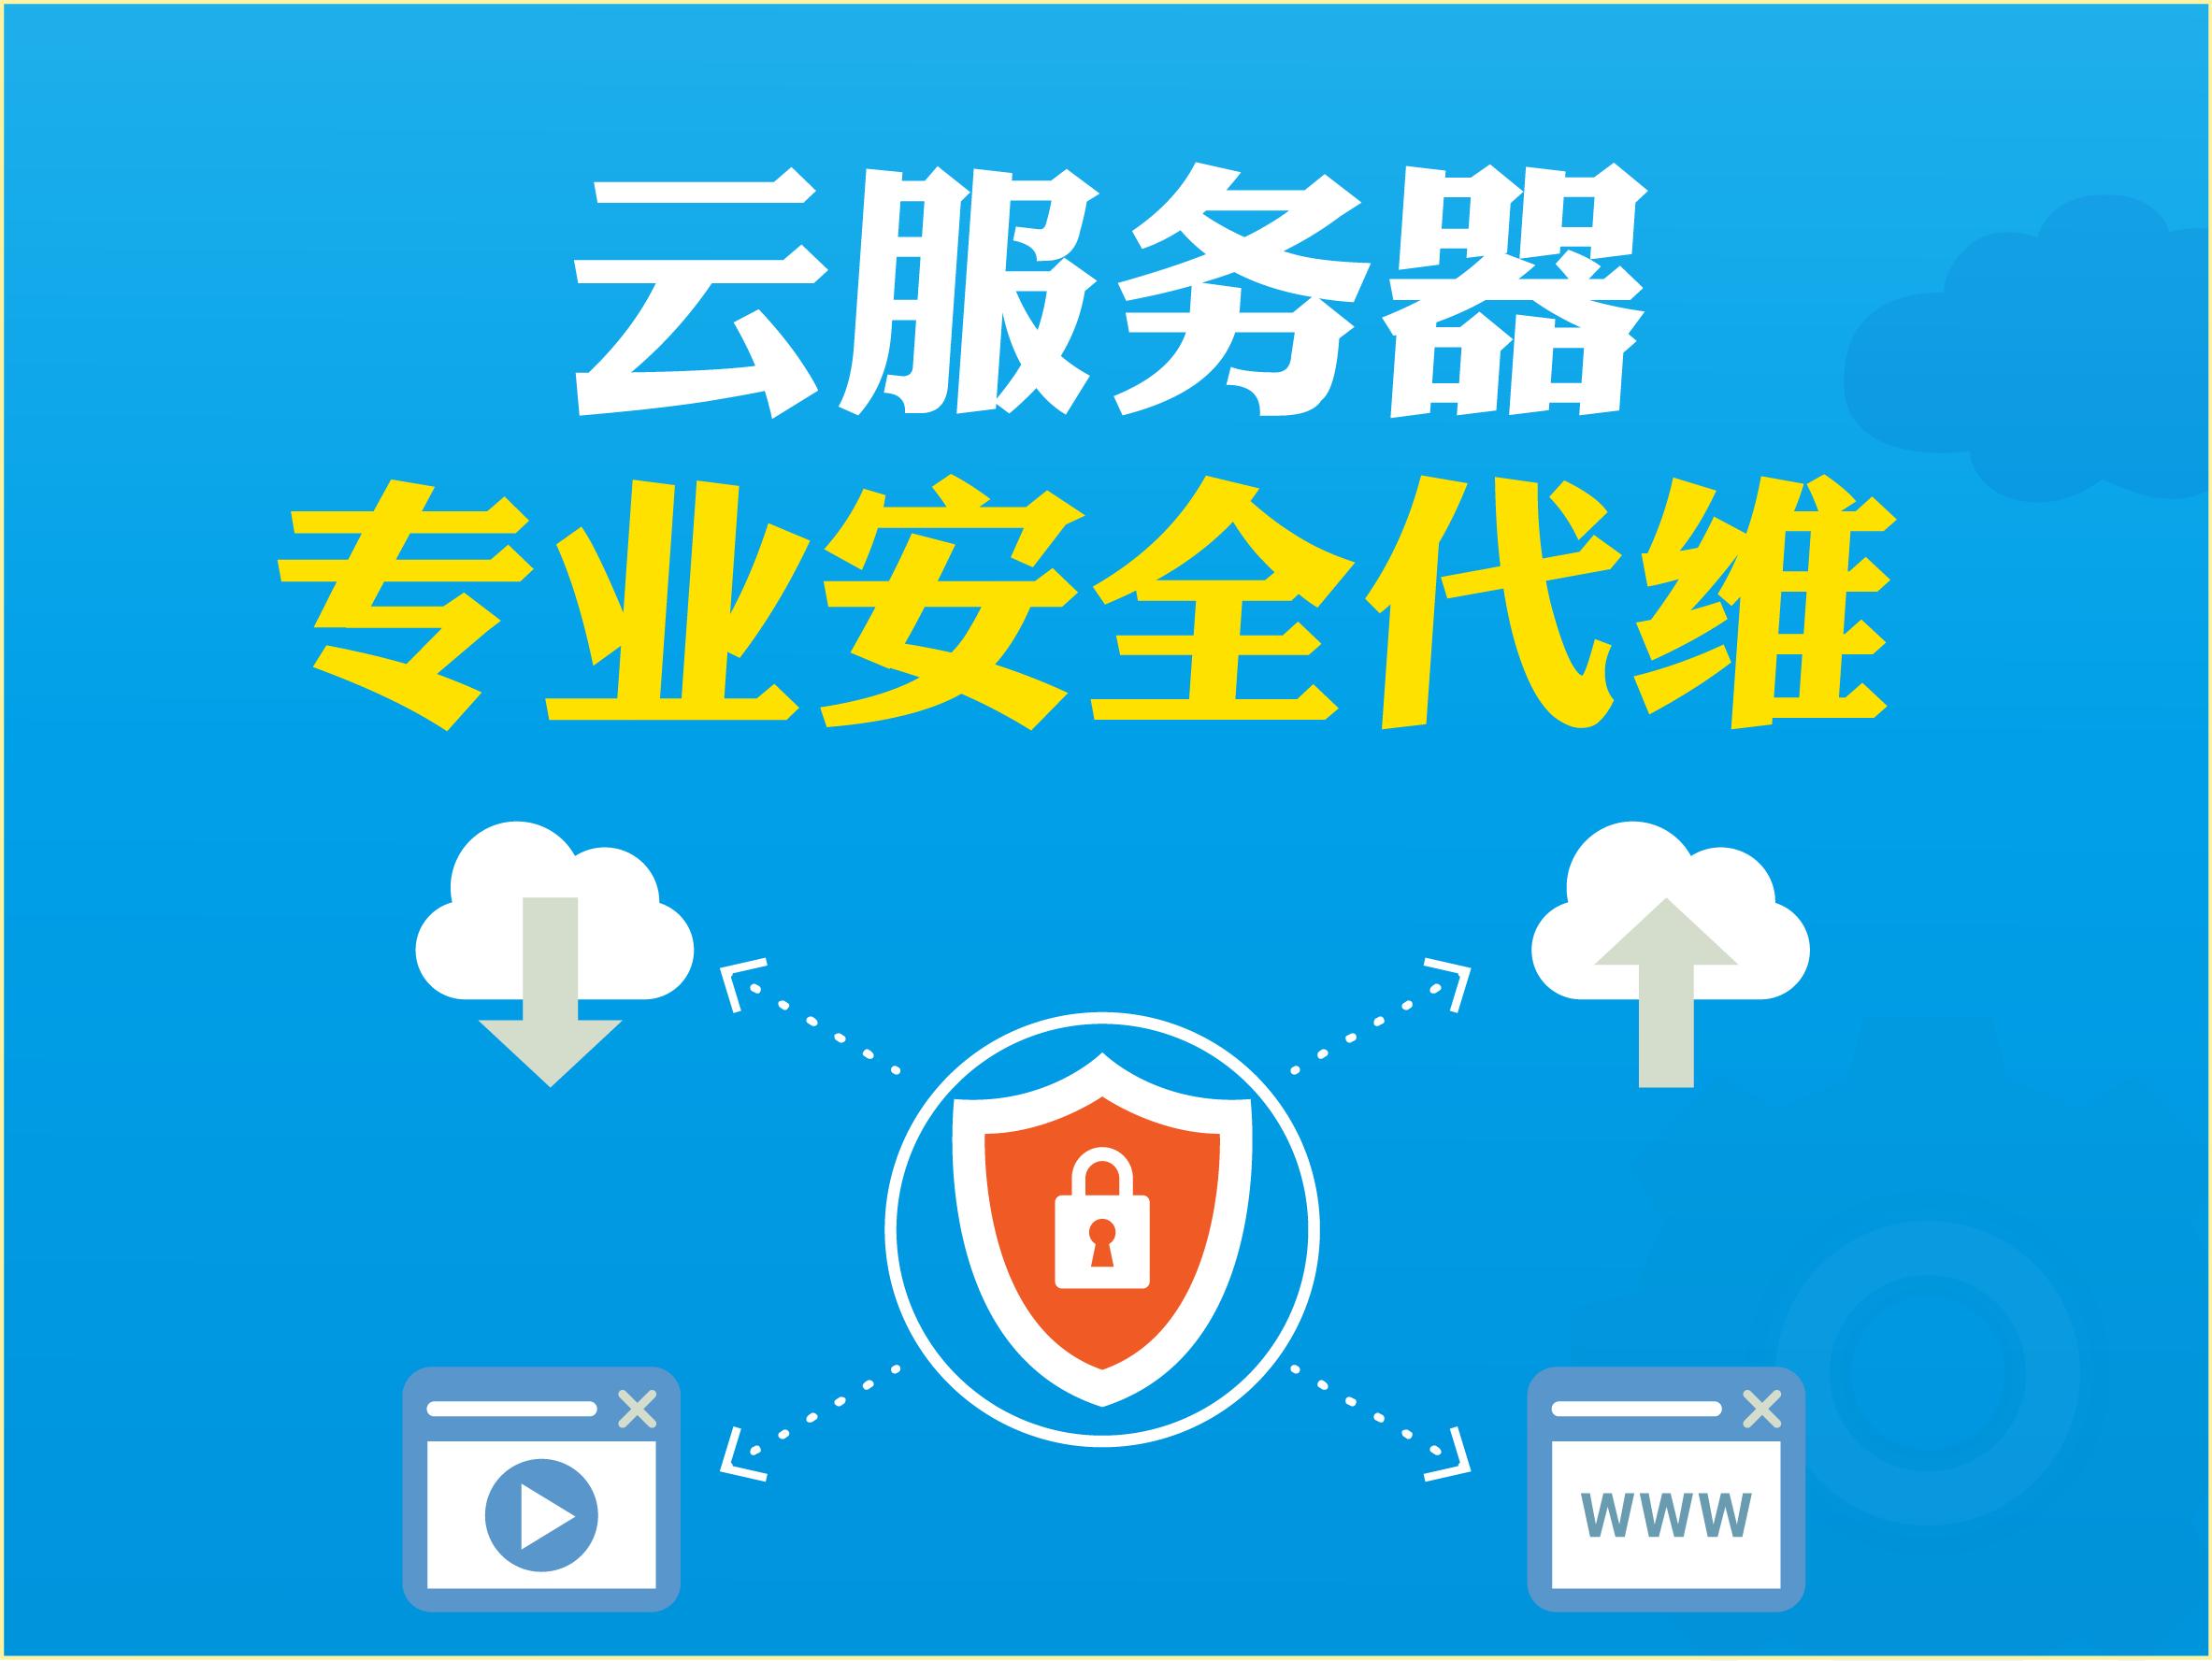 云服务器运维 专业安全运维 服务器代维 阿里云代维运维 云主机运维 运维外包服务